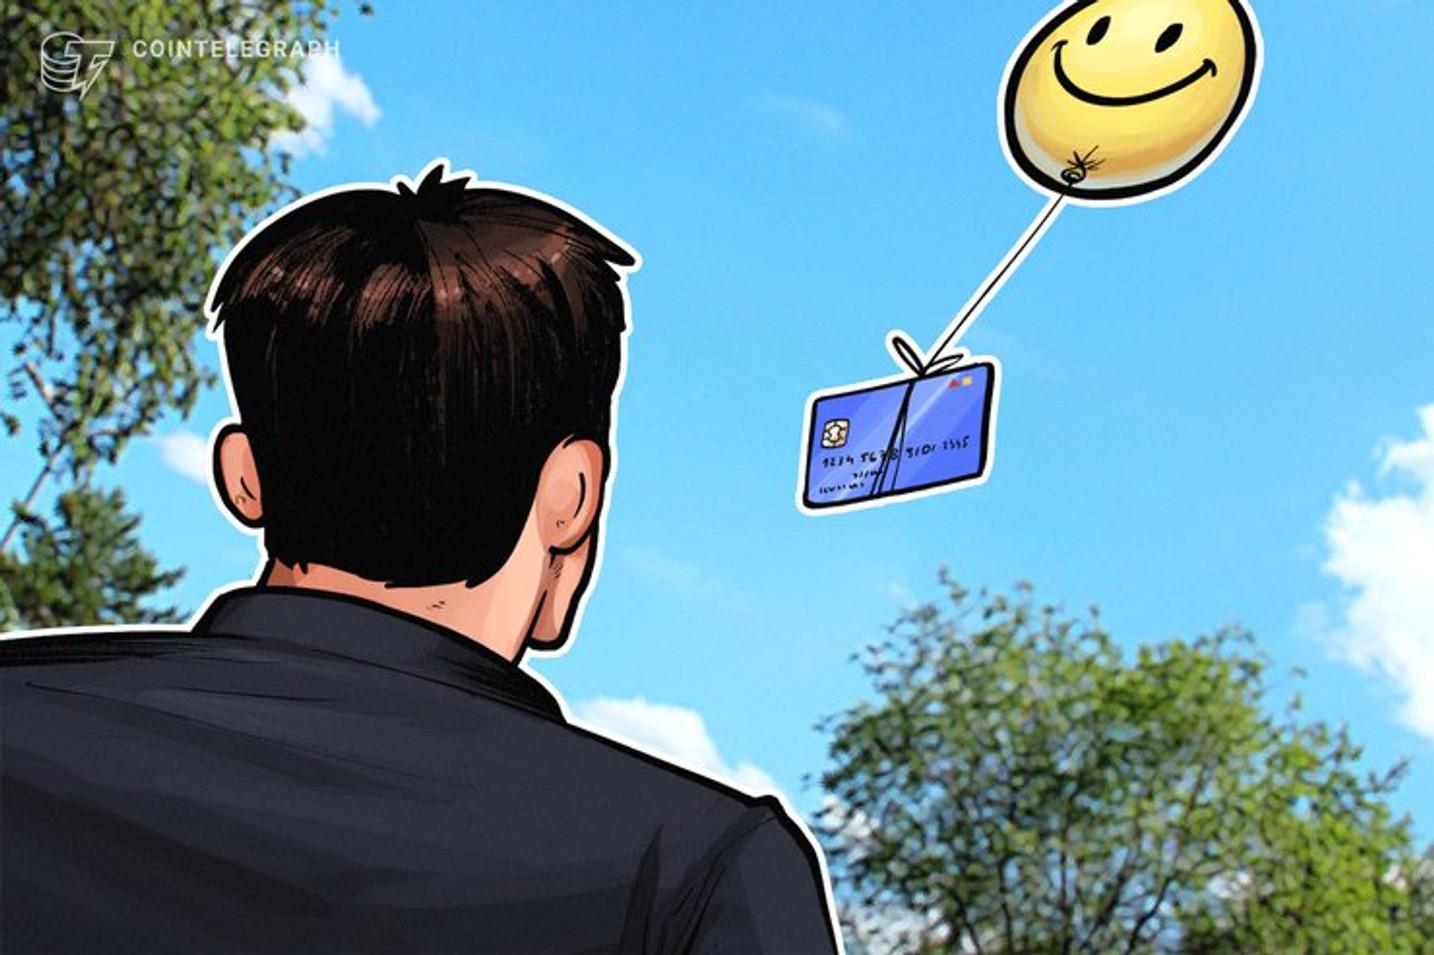 Krypto-Debitcard von Coinbase jetzt auch in Deutschland verfügbar